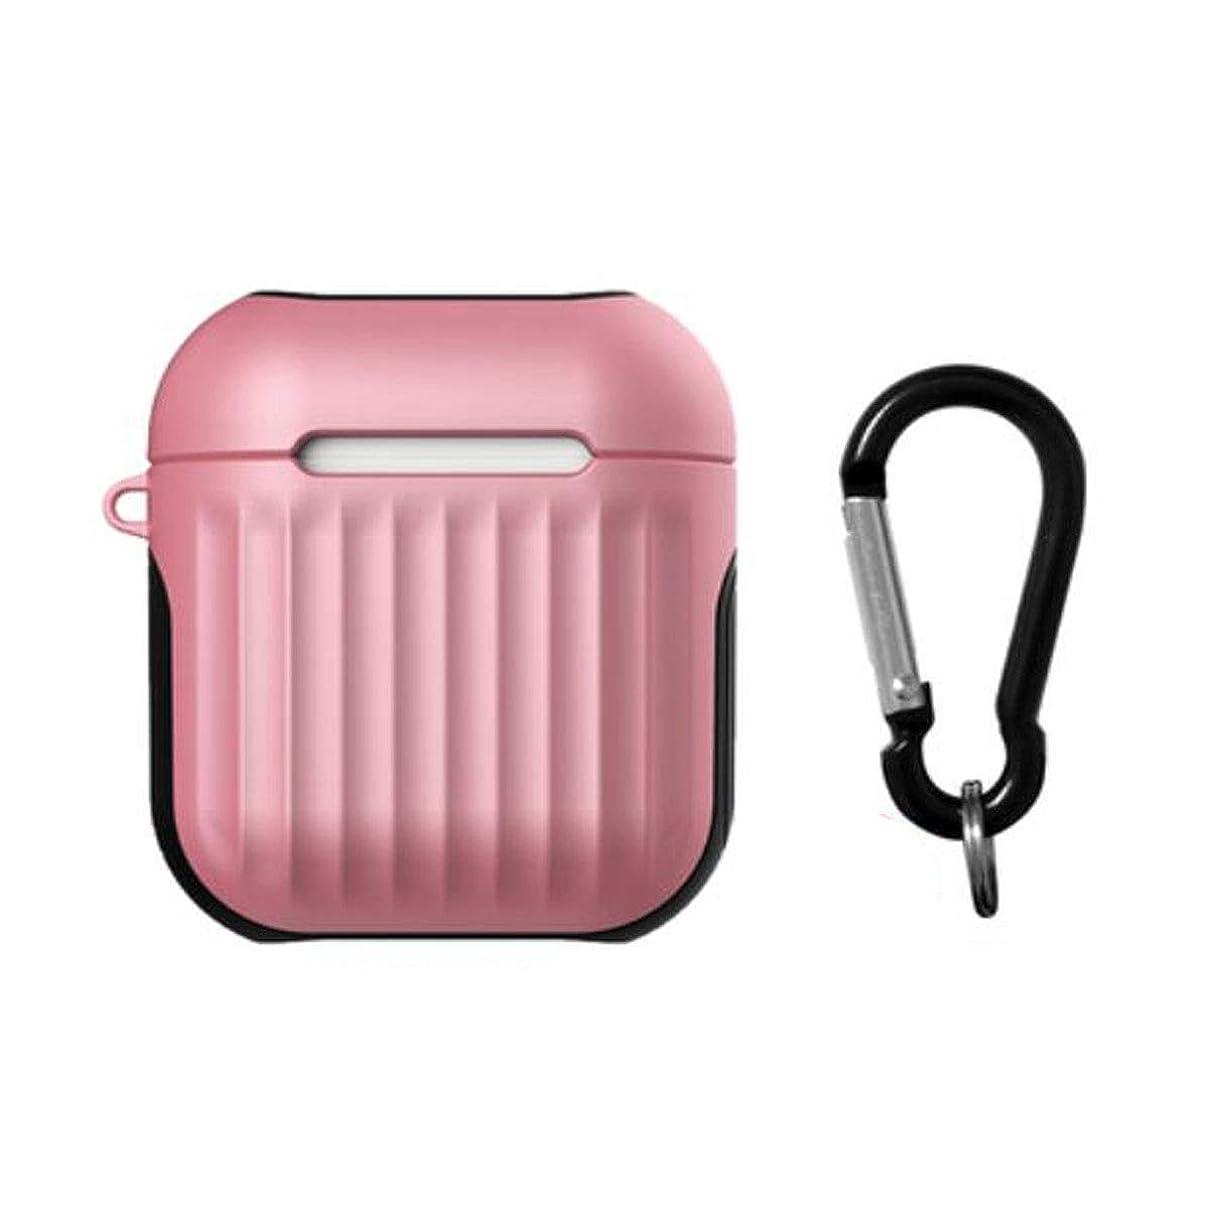 温度計みすぼらしいキャップJielongtongxun001 ヘッドフォン、イヤホン、Bluetoothケース、防塵、快適でシンプルな単色、プレゼント、カラビナ、ピンク/パープル/ホワイト/ブラック 美しい (Color : Pink)